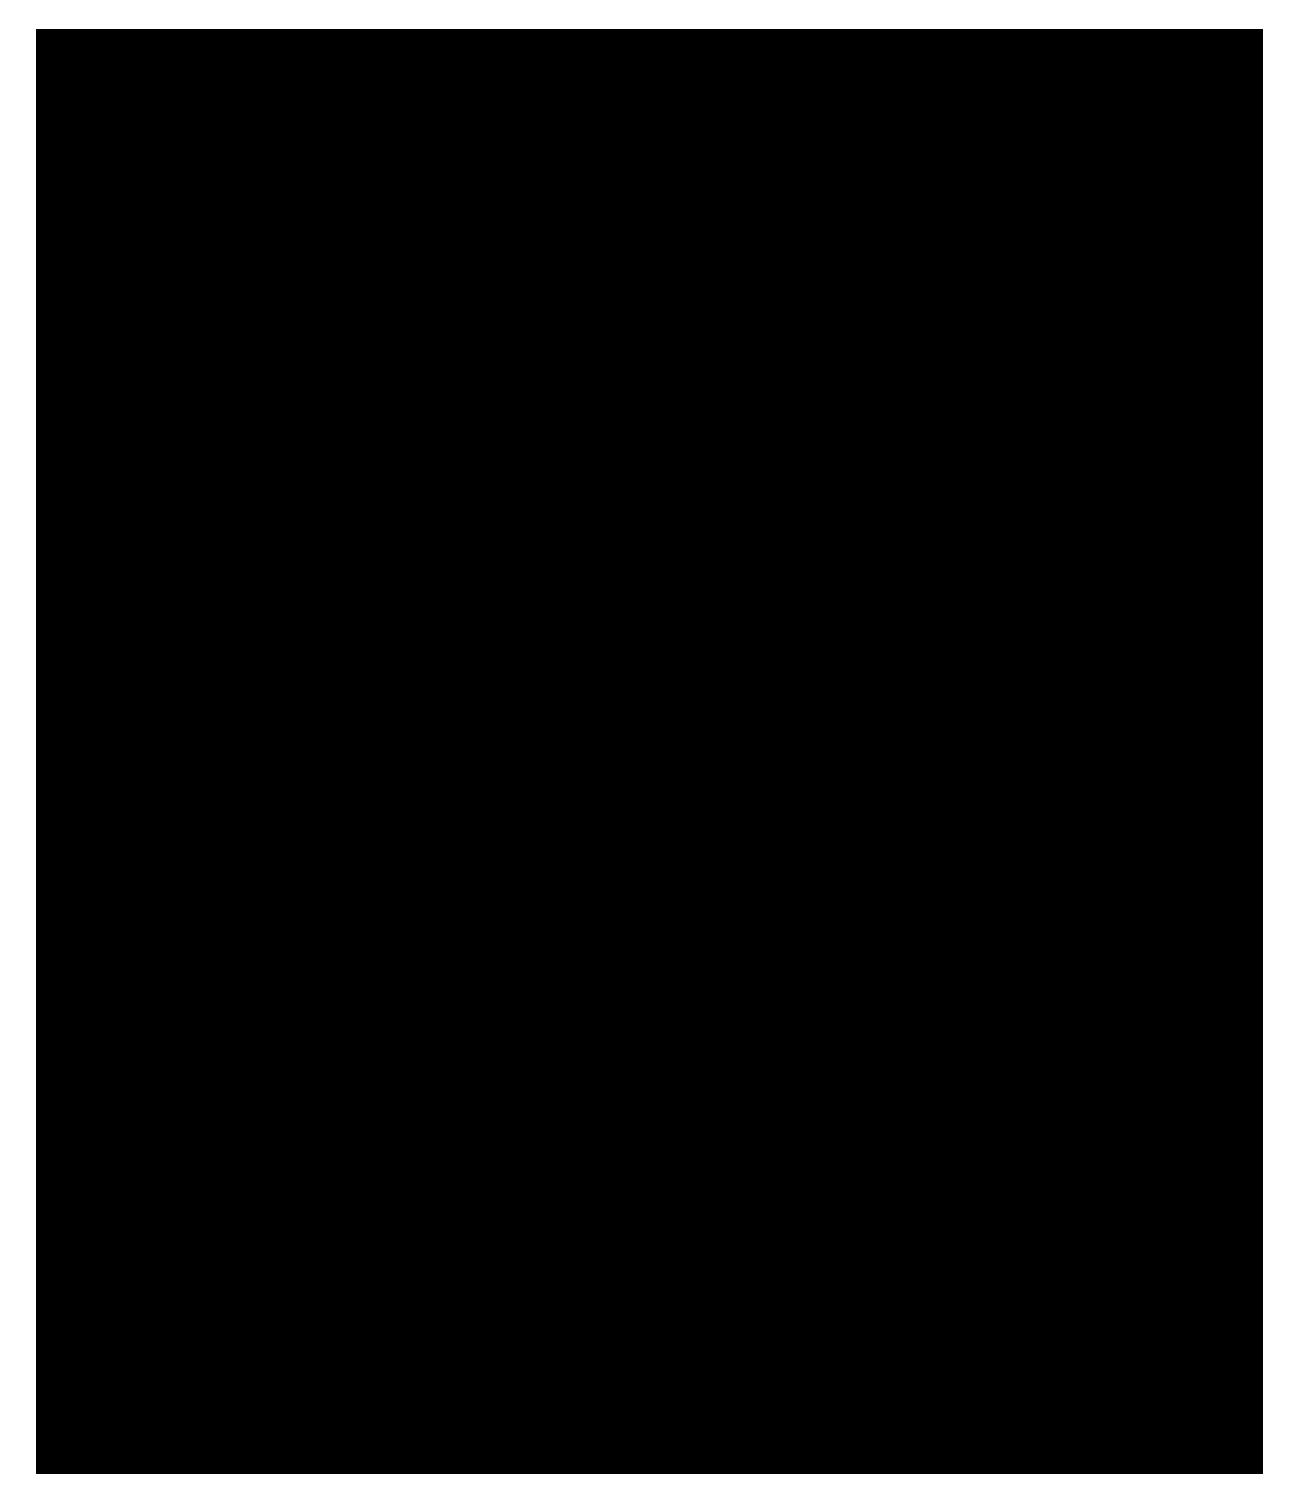 DeptfordX_Logo_2019 X only.png